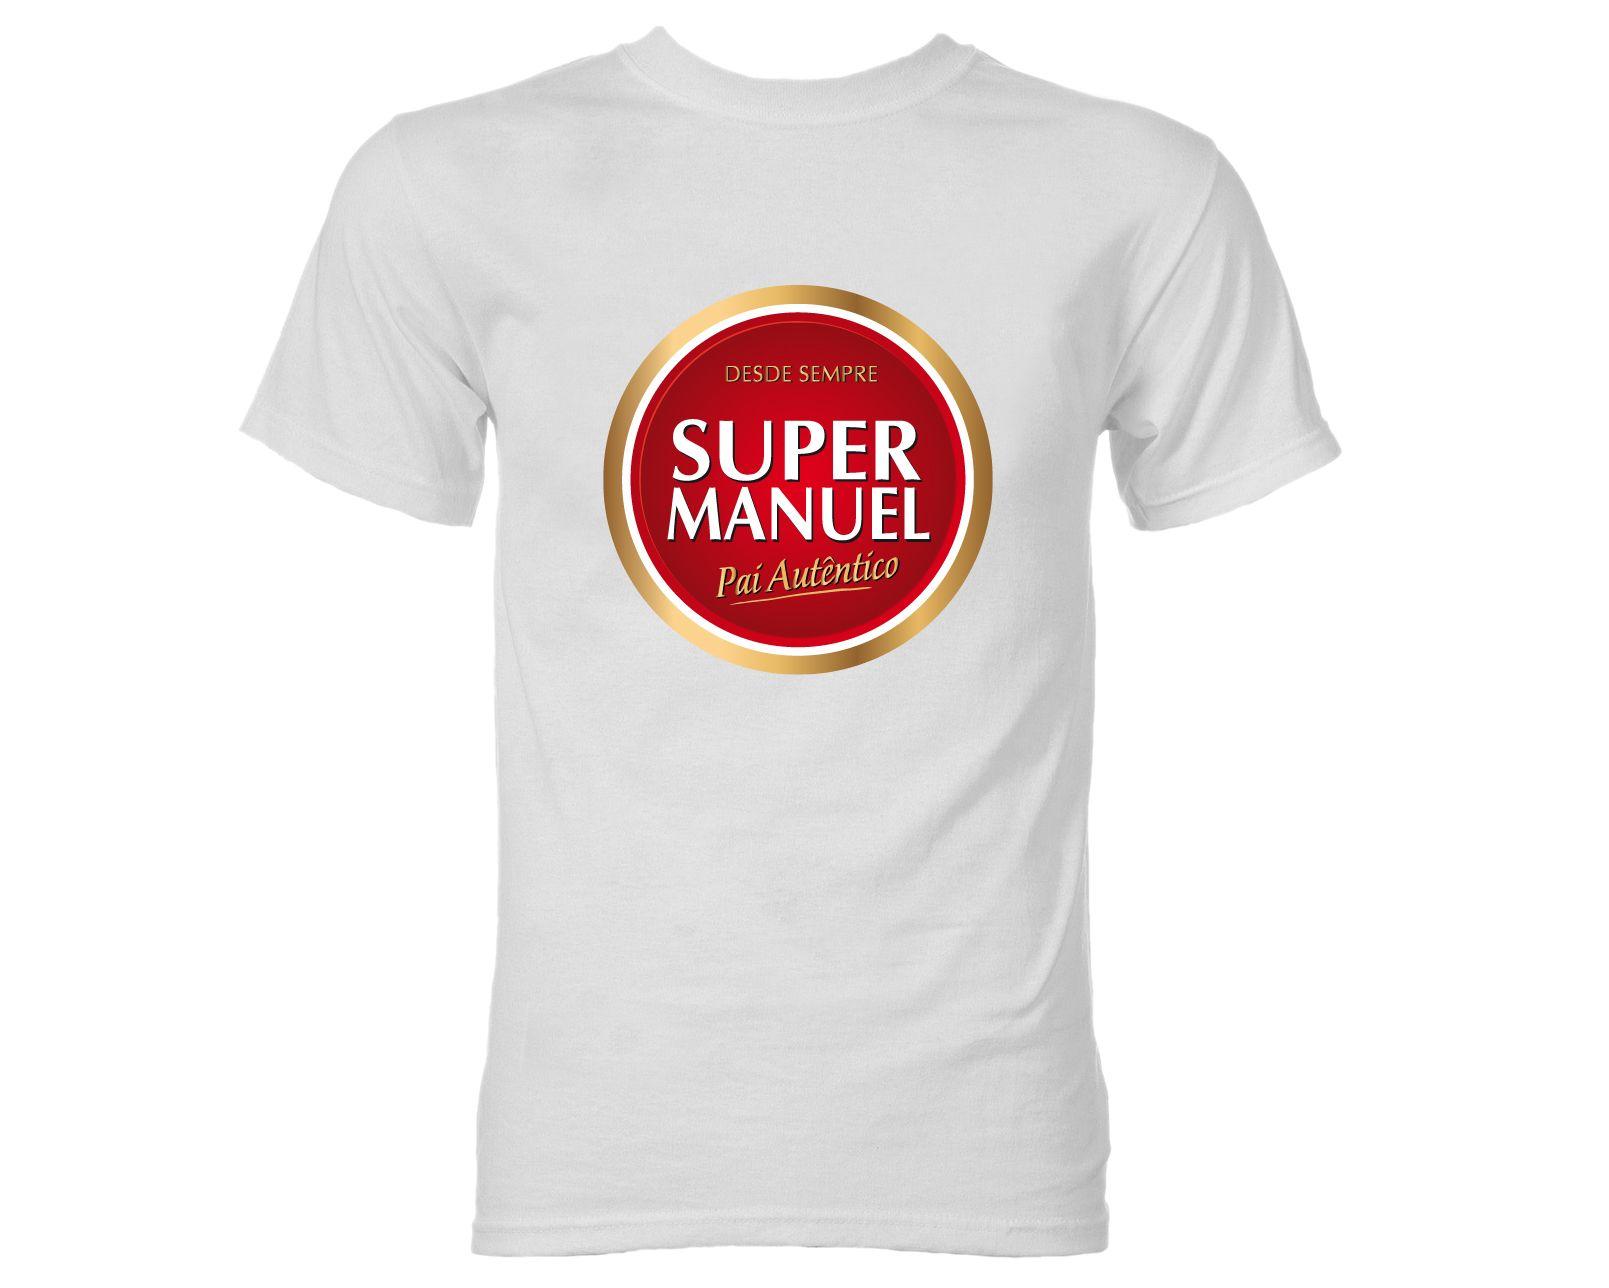 """PODE ESCOLHER O SEU PRÓPRIO NOME NESTA T-SHIRT Este Dia do Pai apresentamos a nova t-shirt Super Dia do Pai. Com um toque de humor que não deixará nenhum pai indiferente. Esta t-shirt é personalizável no nome sendo possível, após a encomenda, informar-nos por email, juntamente com o número da encomenda, de qual é o nome que deseja ver gravado no lugar de Manuel.Esta é uma T-shirt """"Fresquinha"""" que sabe bem com tremoços e que todo o pai irá adorar."""